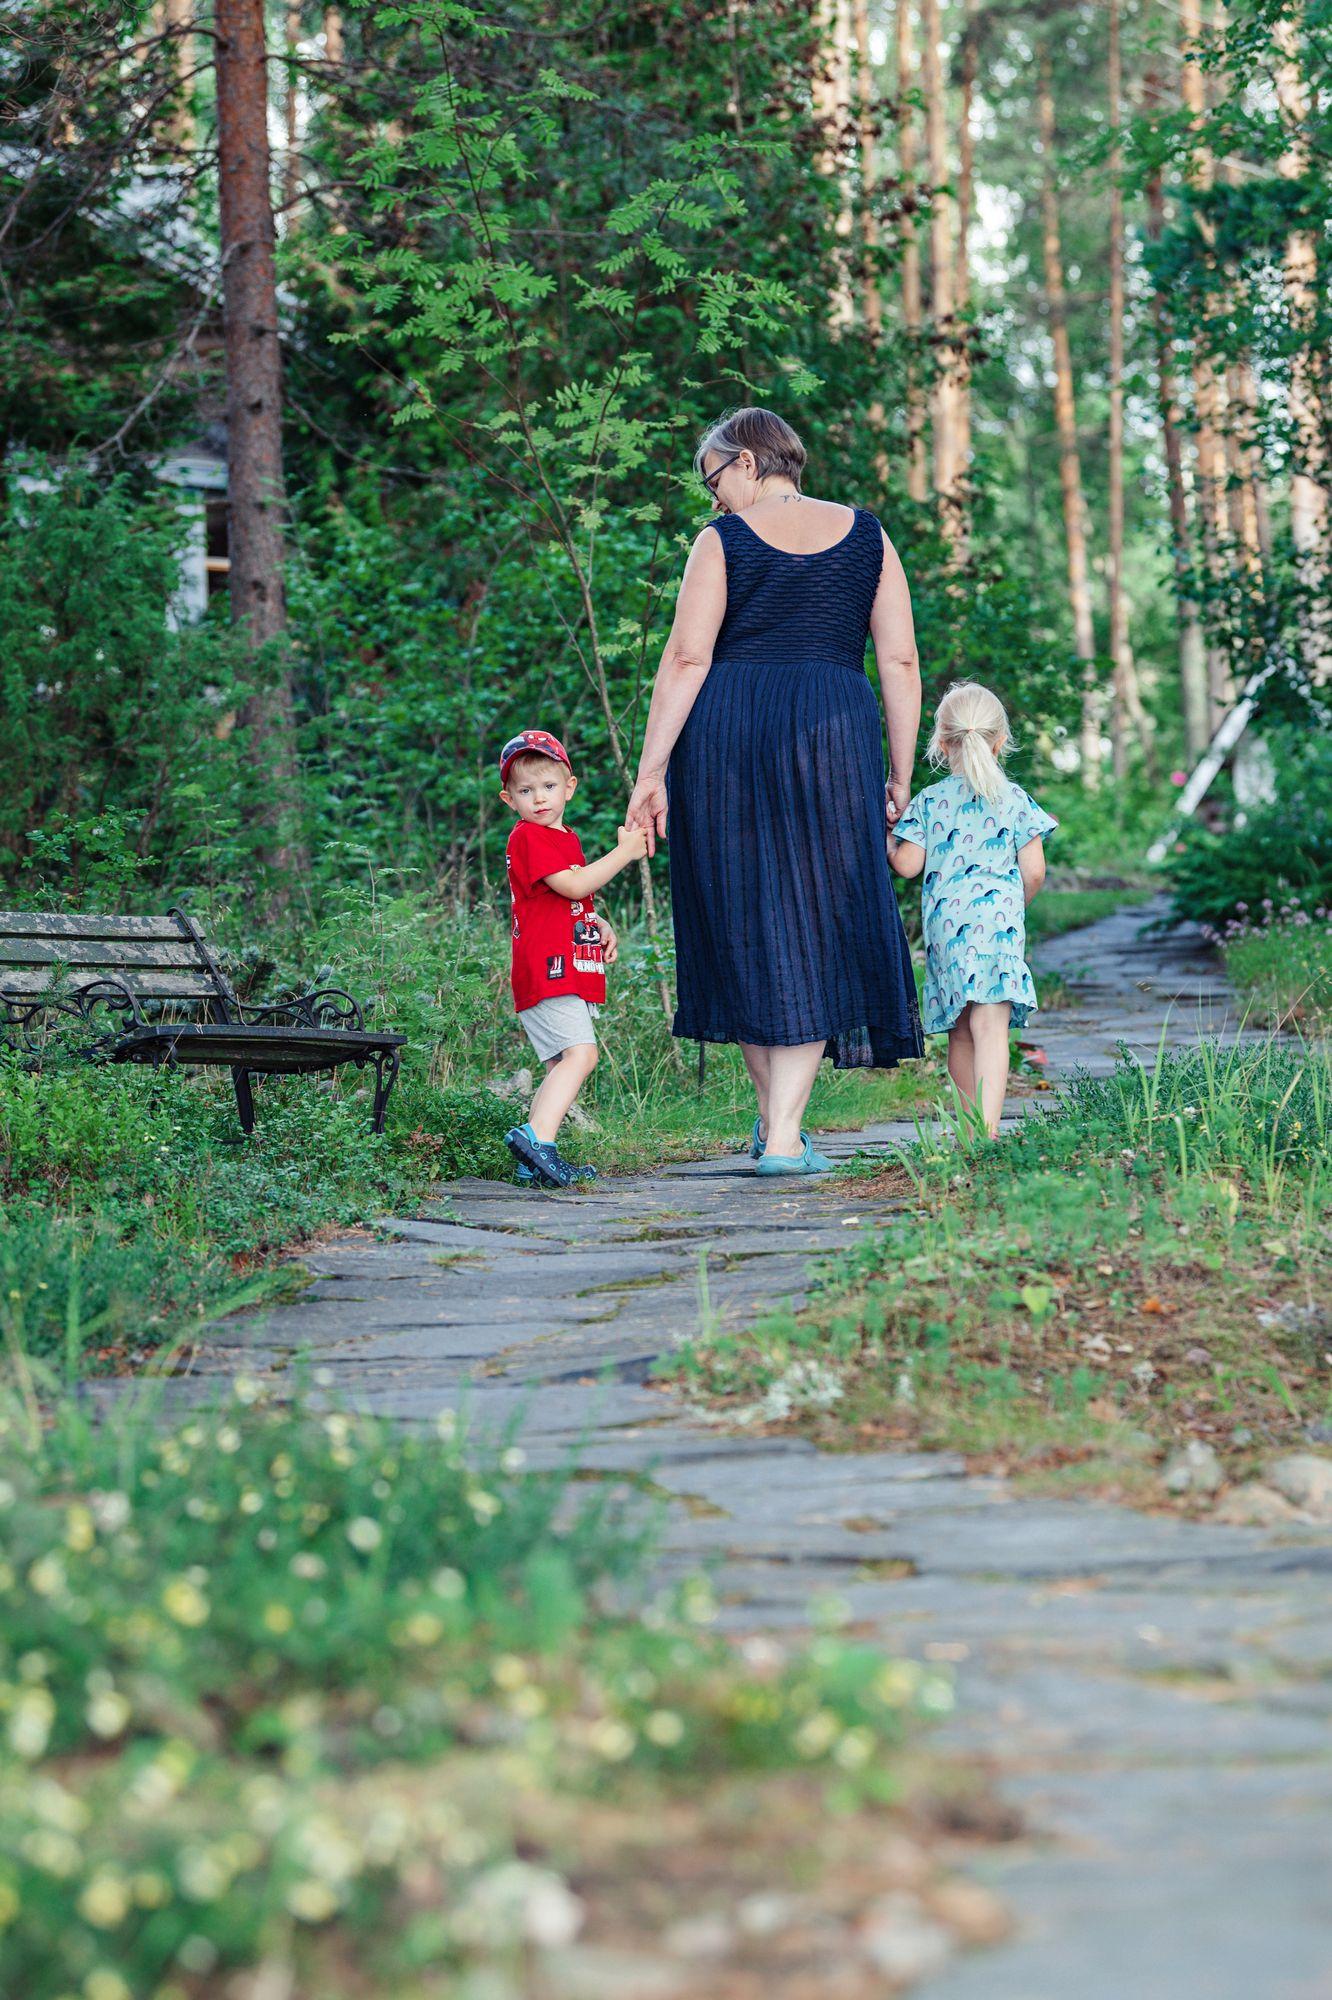 Rannalta vie mökille kivetty polku. Sitä on mukavinta kulkea mummin kanssa käsi kädessä. © Pihla Liukkonen